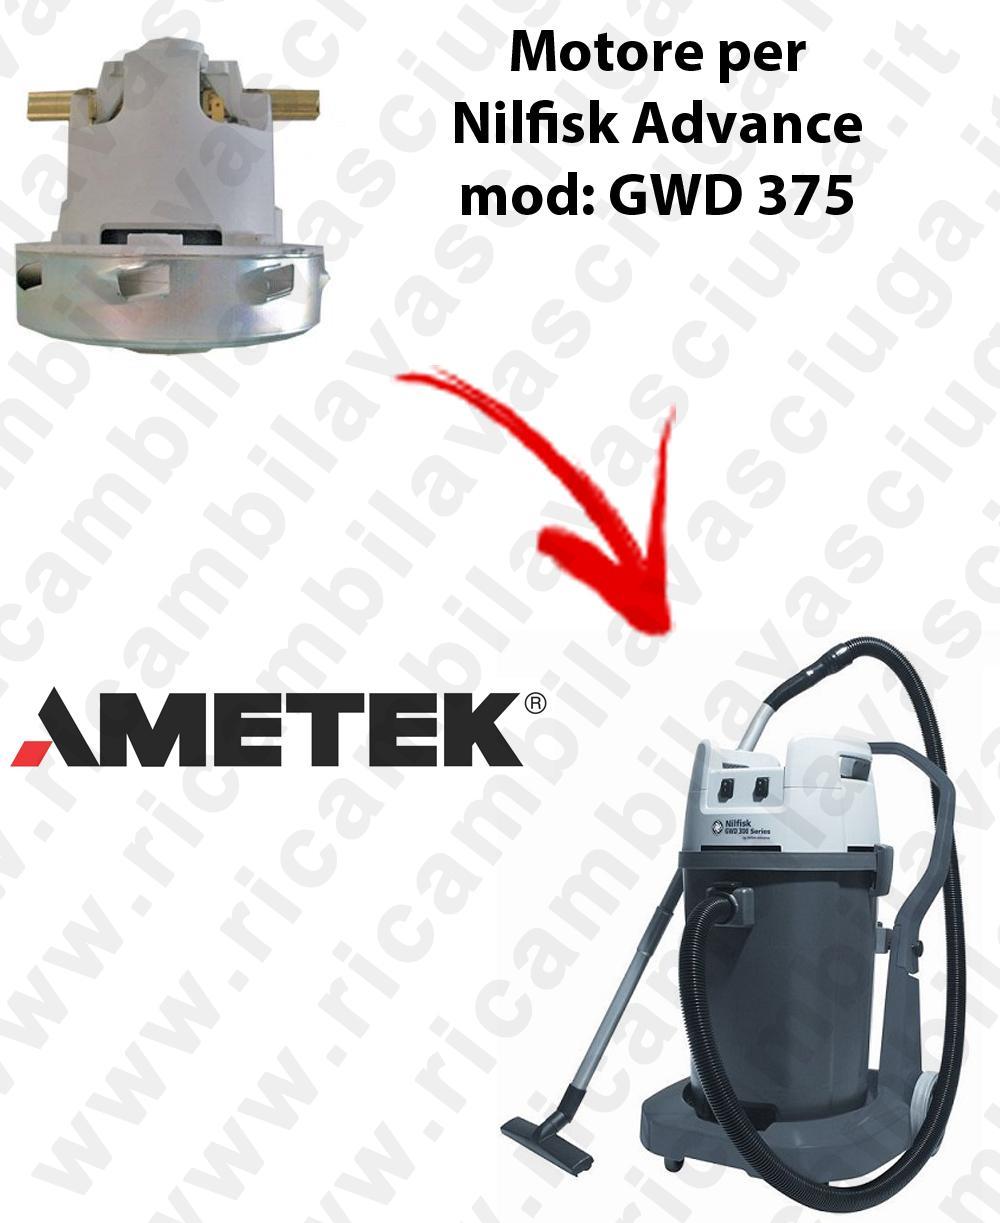 GWD 375  Ametek Vacuum Motor for Vacuum cleaner Nilfisk Advance